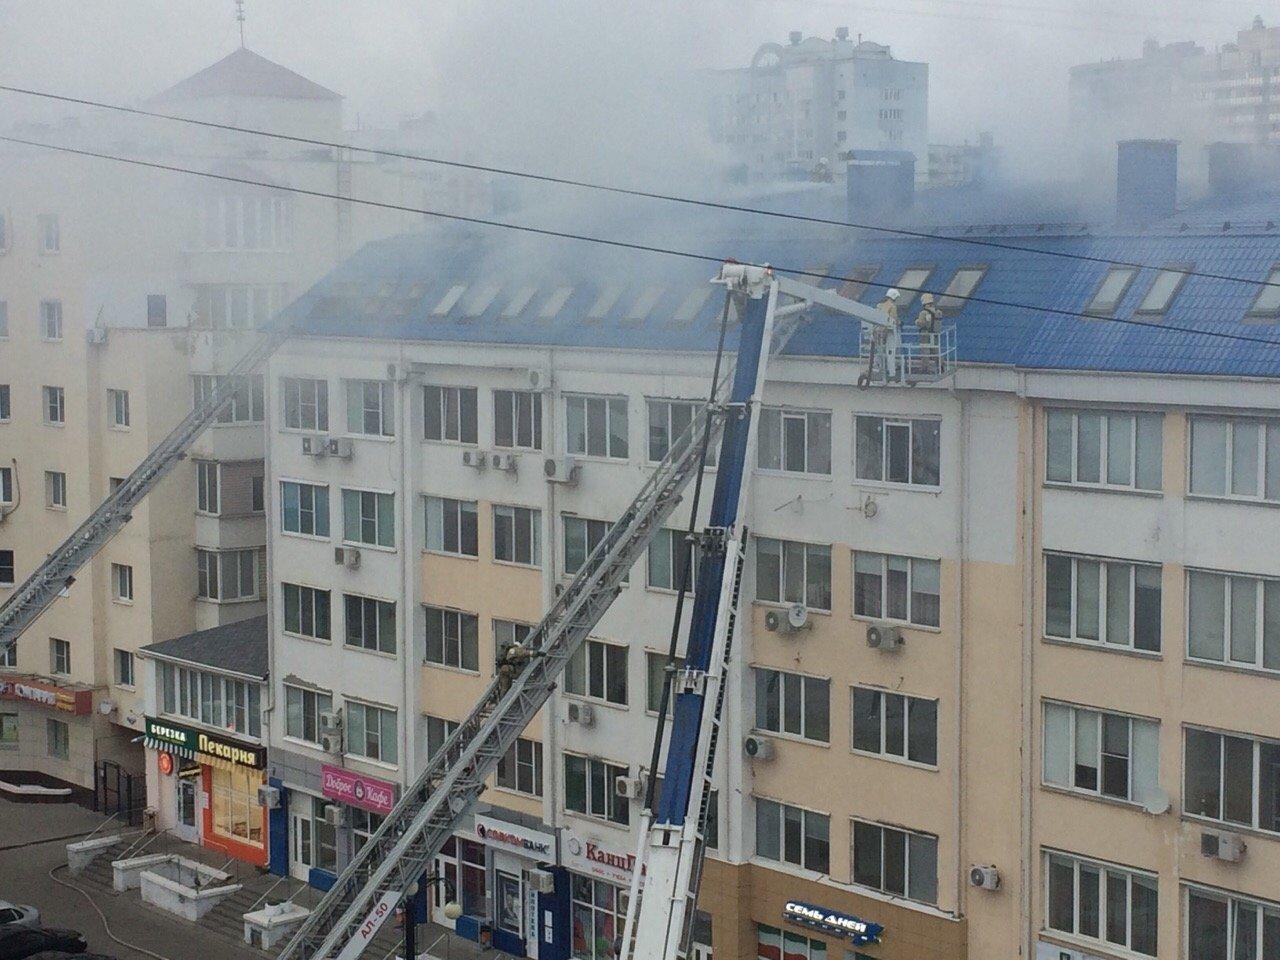 Из горящей пятиэтажки на Победы эвакуировали жильцов, фото-1